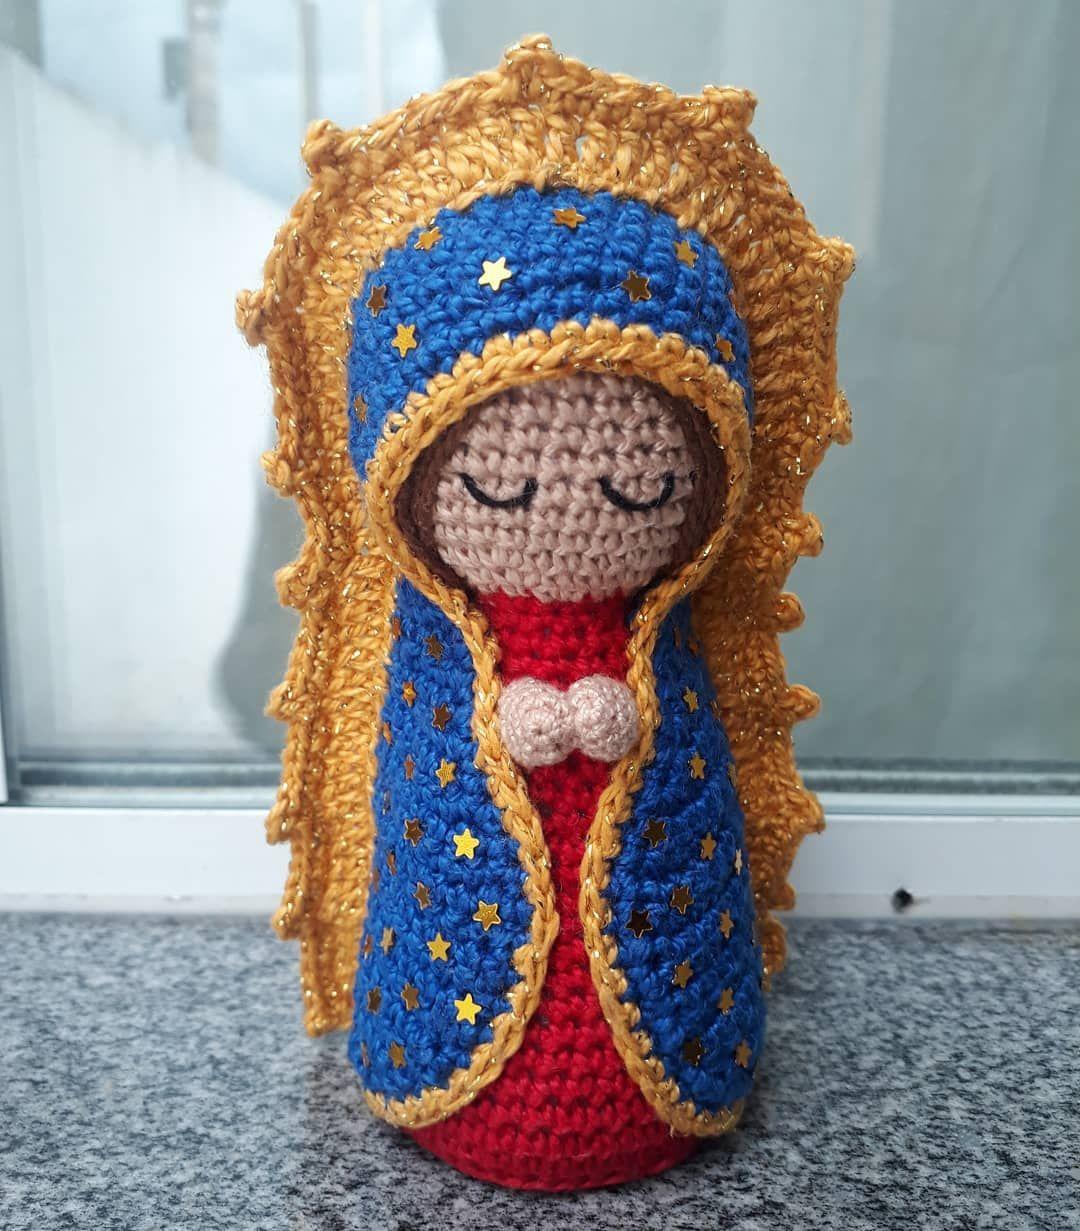 Anjo Rafael amigurumi | Anjos de crochê, Projetos de crochê e ... | 1231x1080